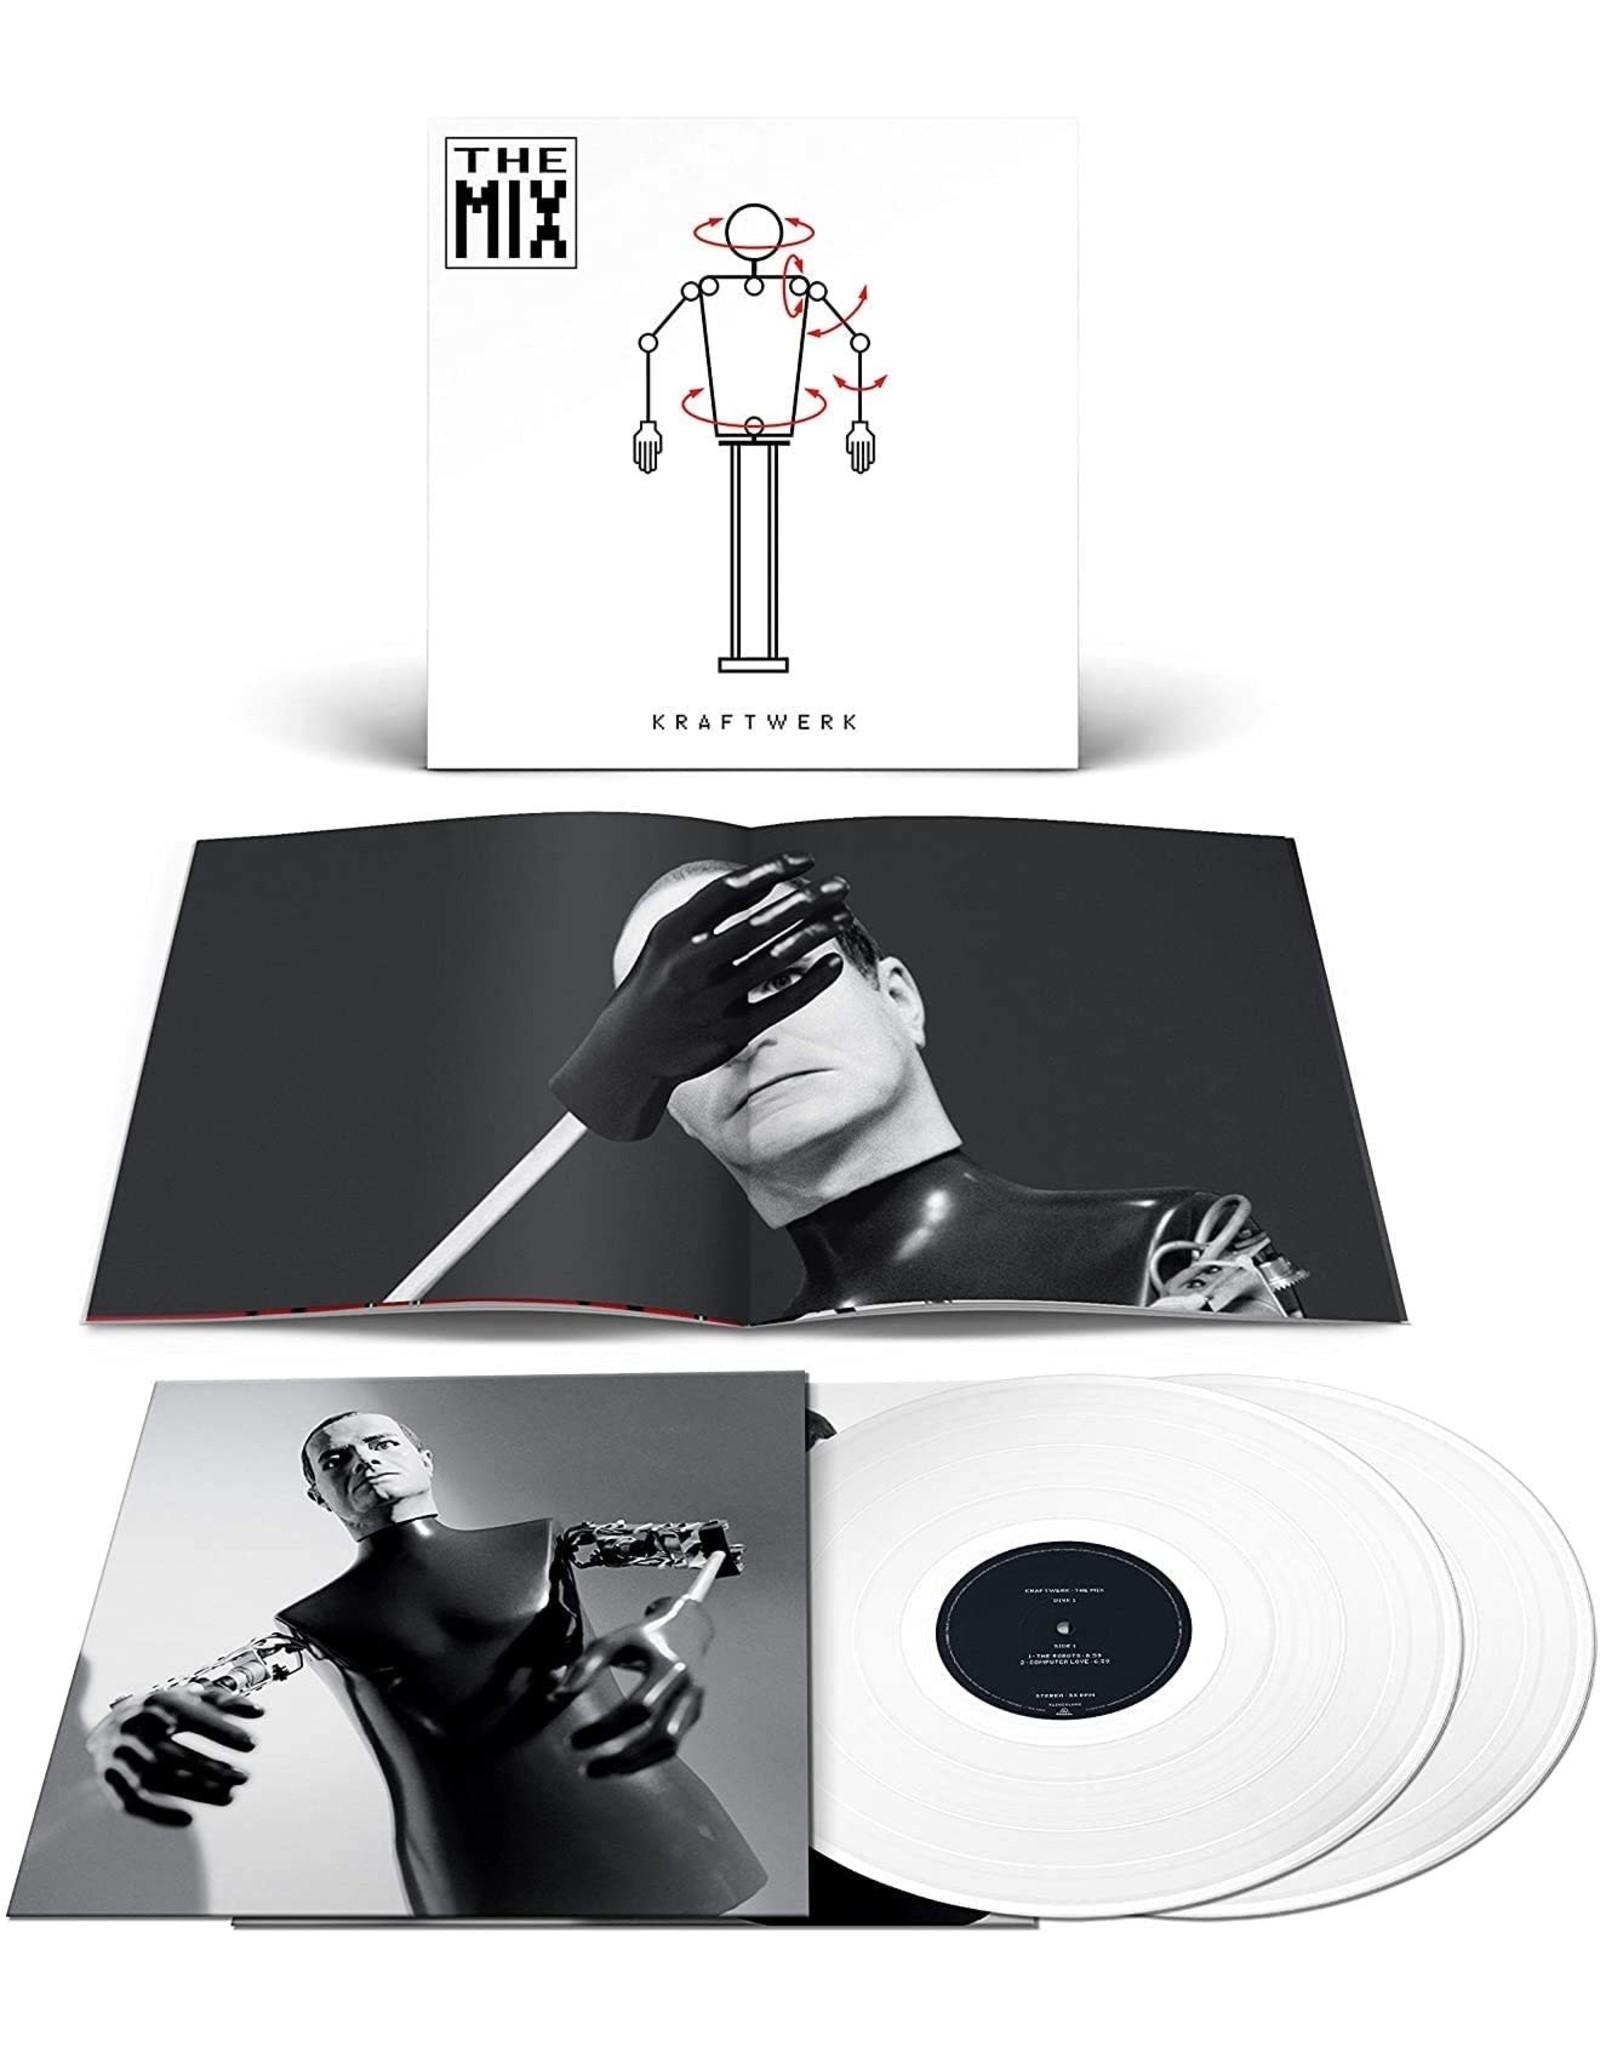 Kraftwerk - The Mix (White Vinyl)